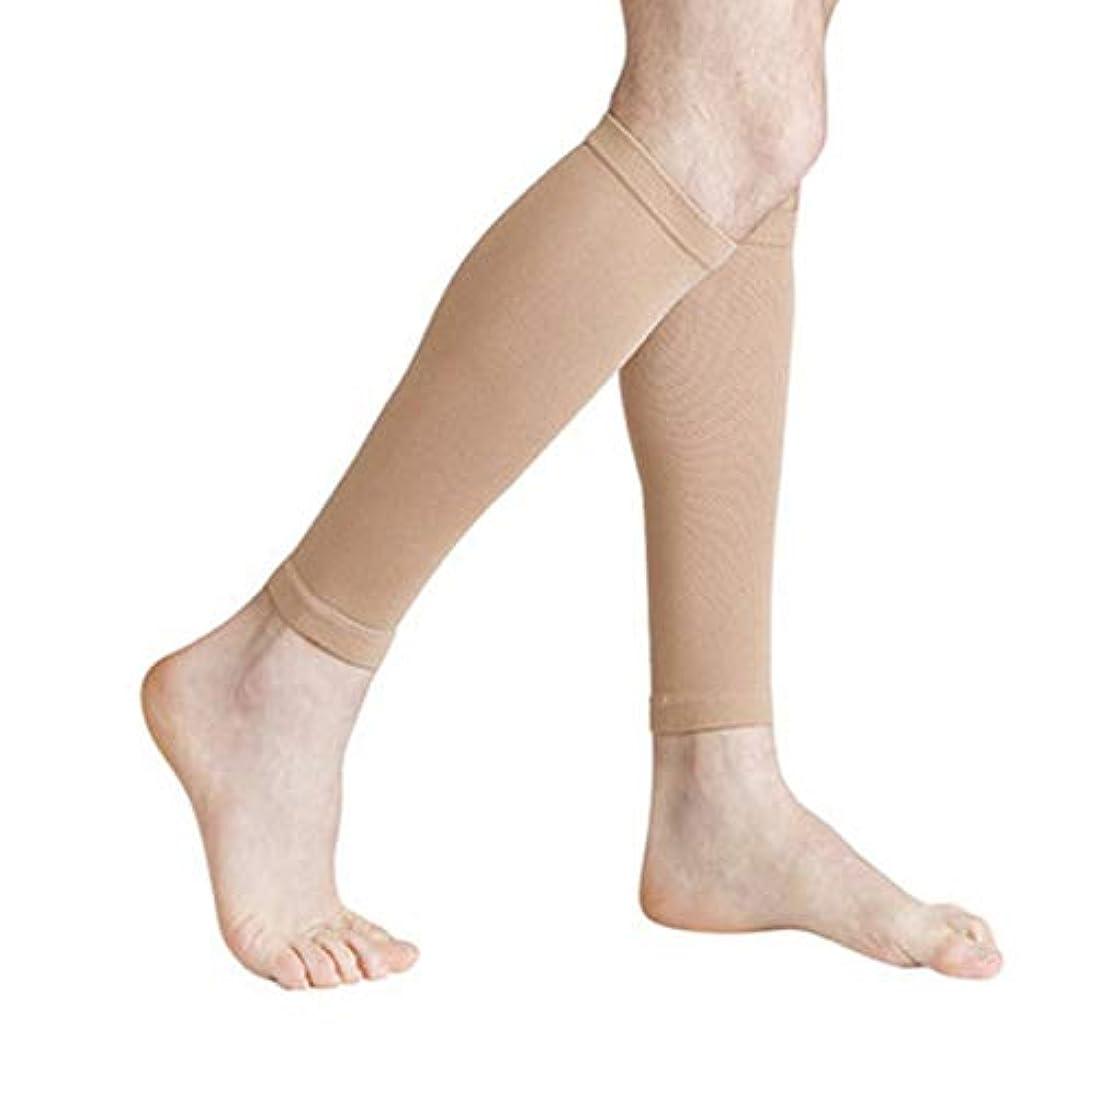 アマゾンジャングル広告するいたずら丈夫な男性女性プロの圧縮靴下通気性のある旅行活動看護師用シンススプリントフライトトラベル - ブラック